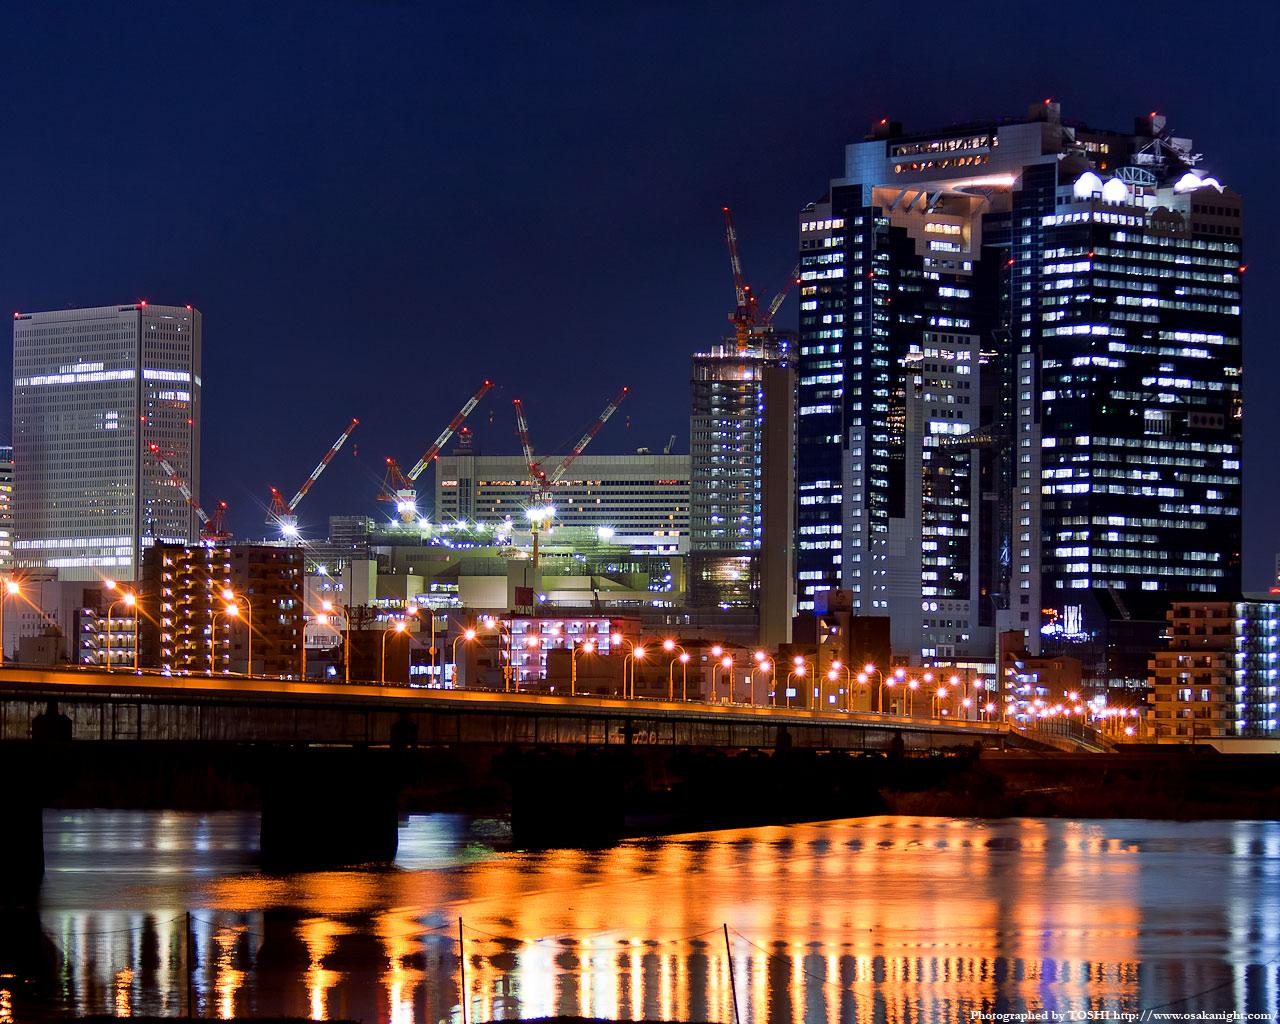 新十三大橋(十三バイパス)の夜景1